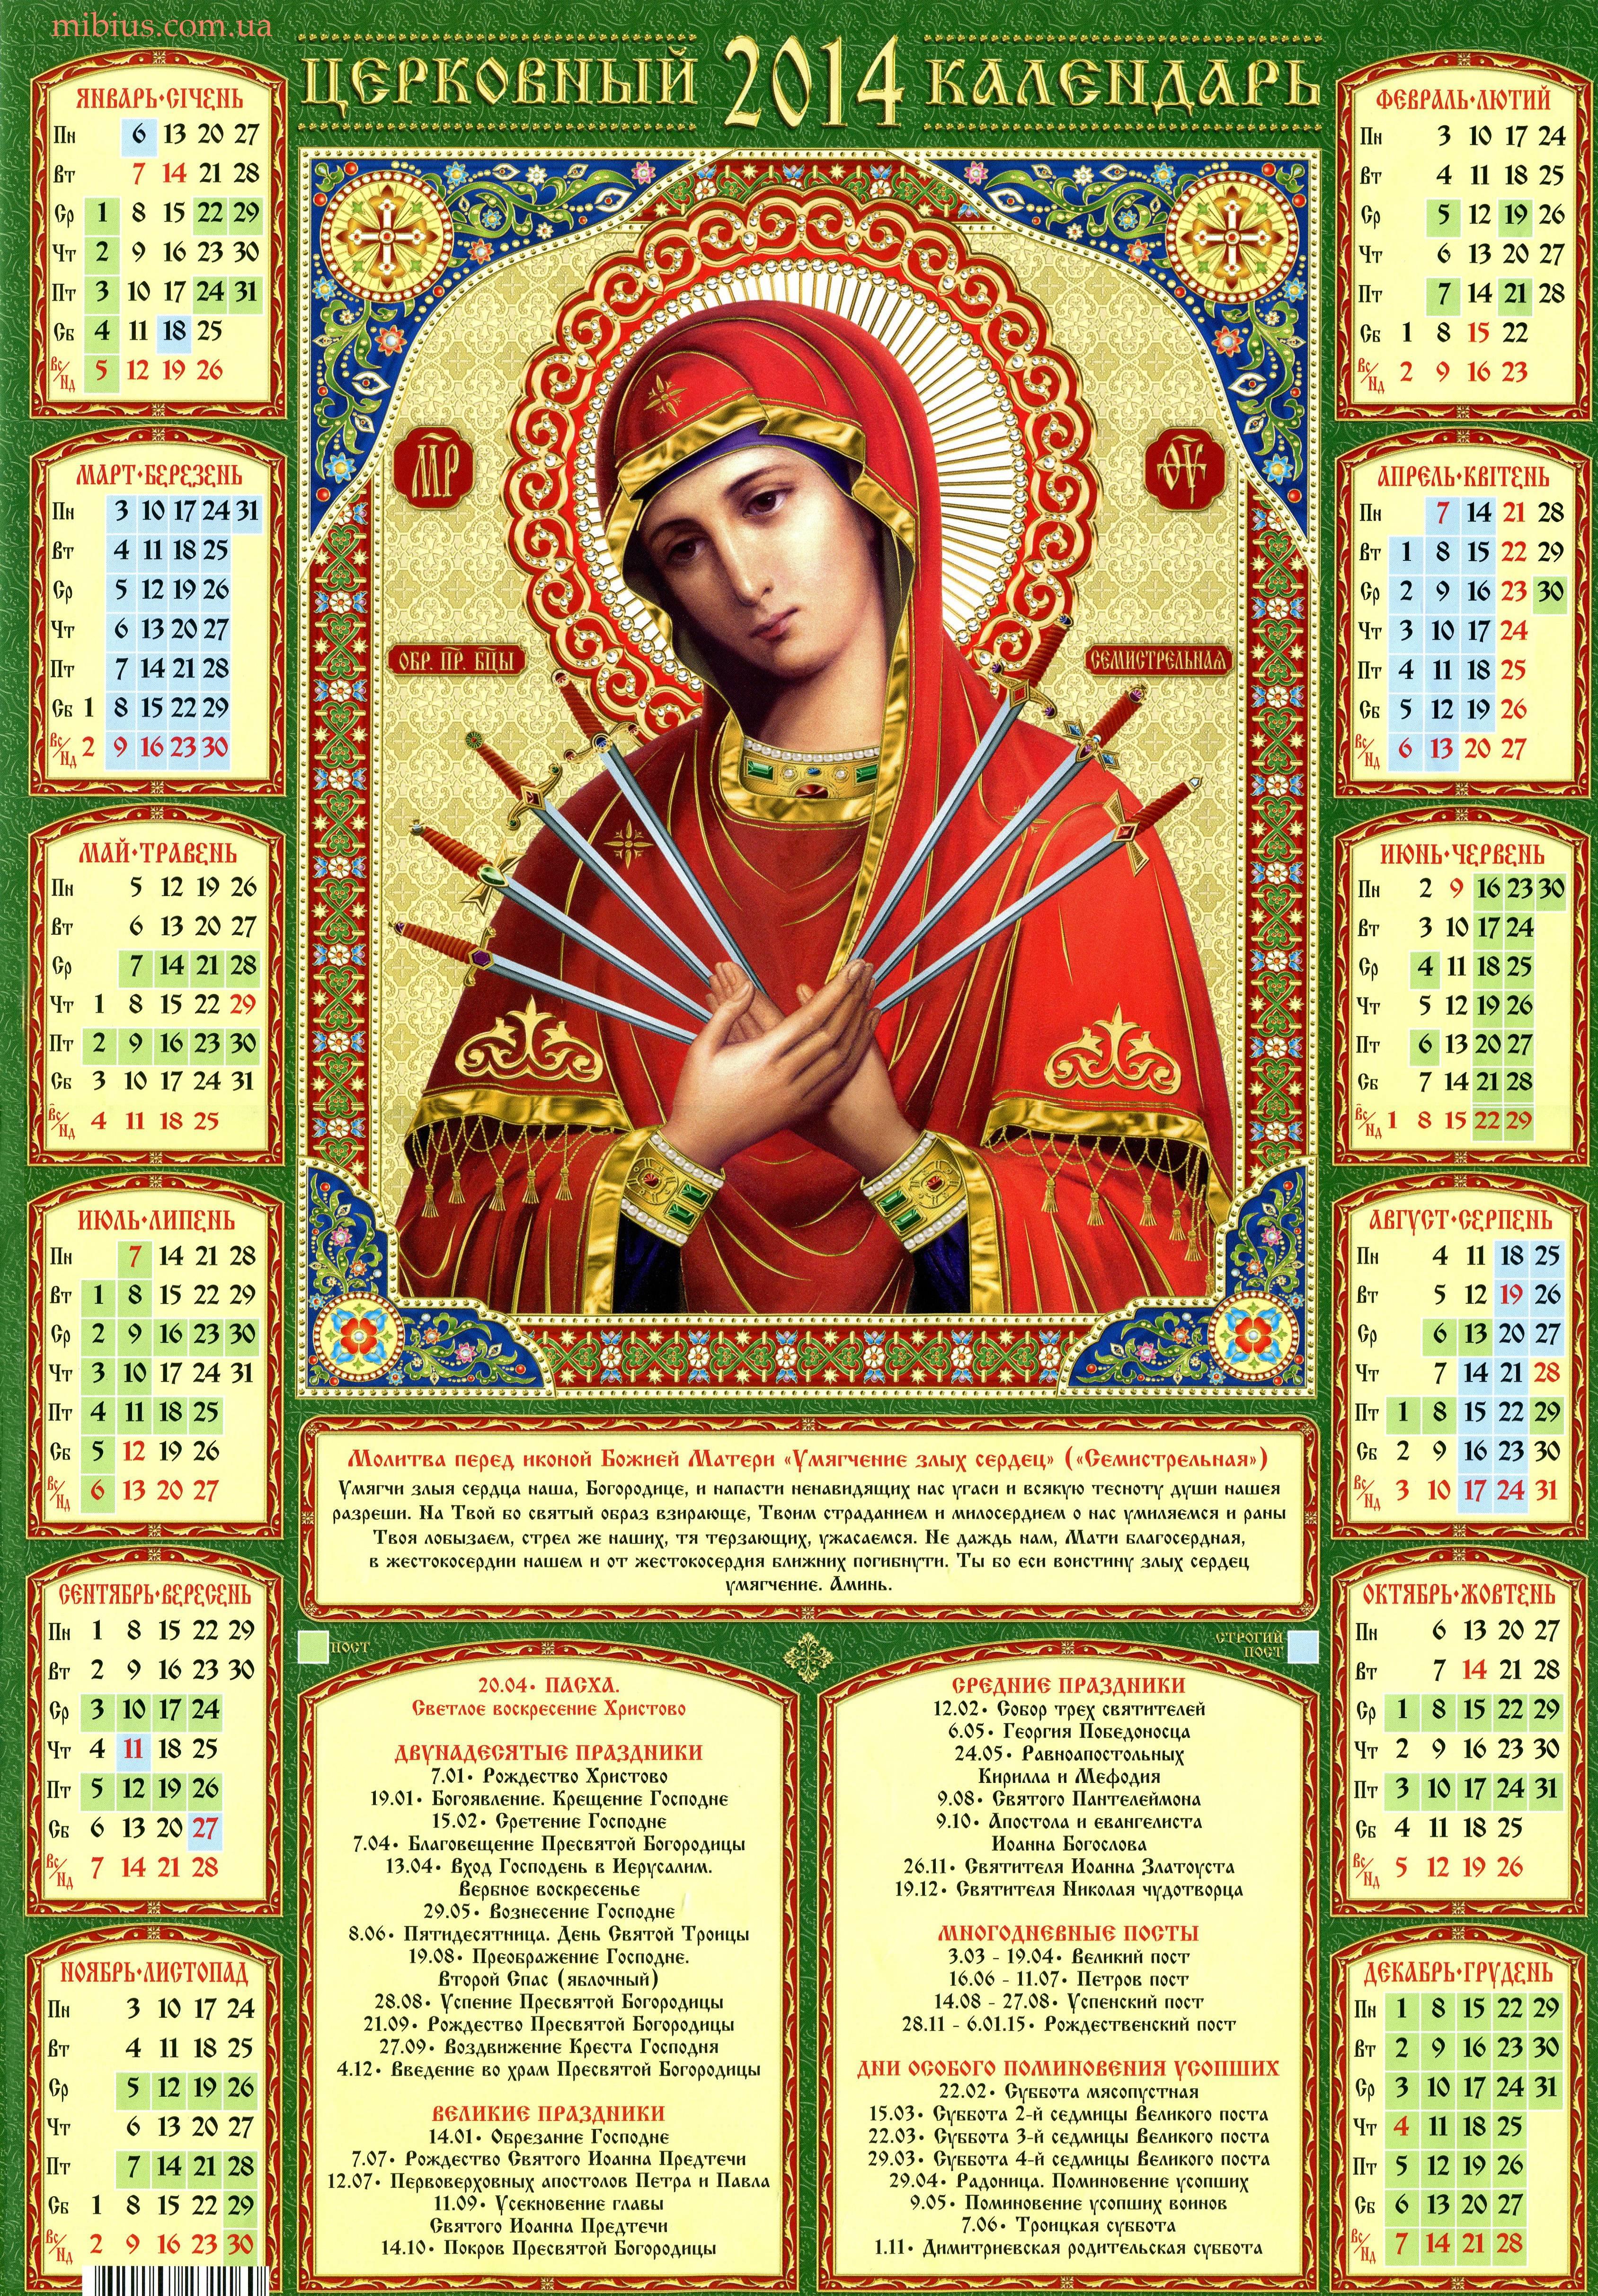 Церковный праздник   календарь на сегодня, день, месяц, год